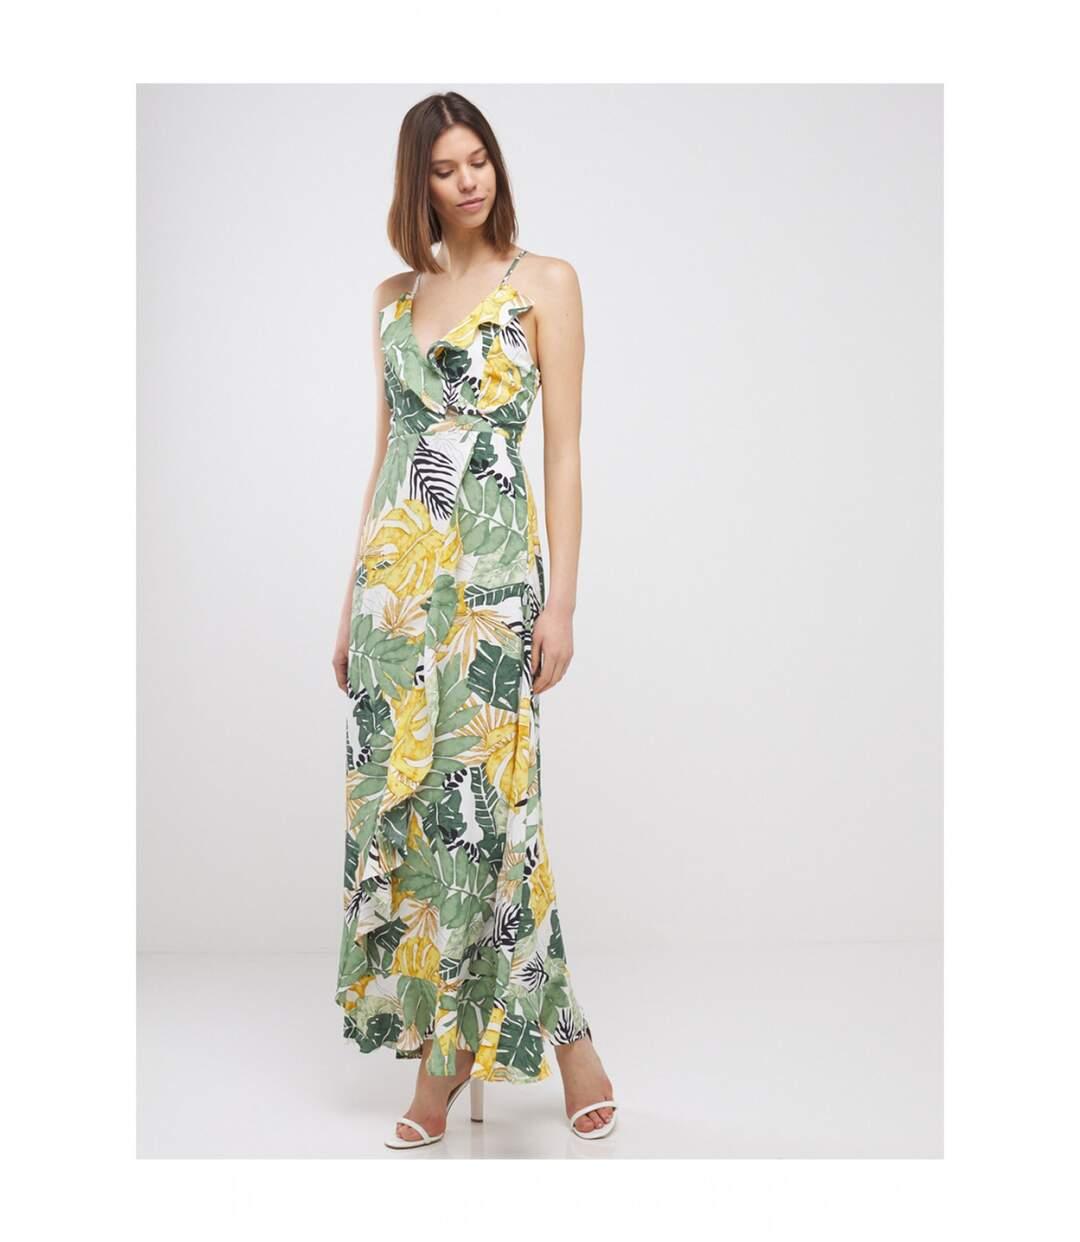 Robe Longue A Imprime Tropical Femme Molly Bracken Atlas For Men